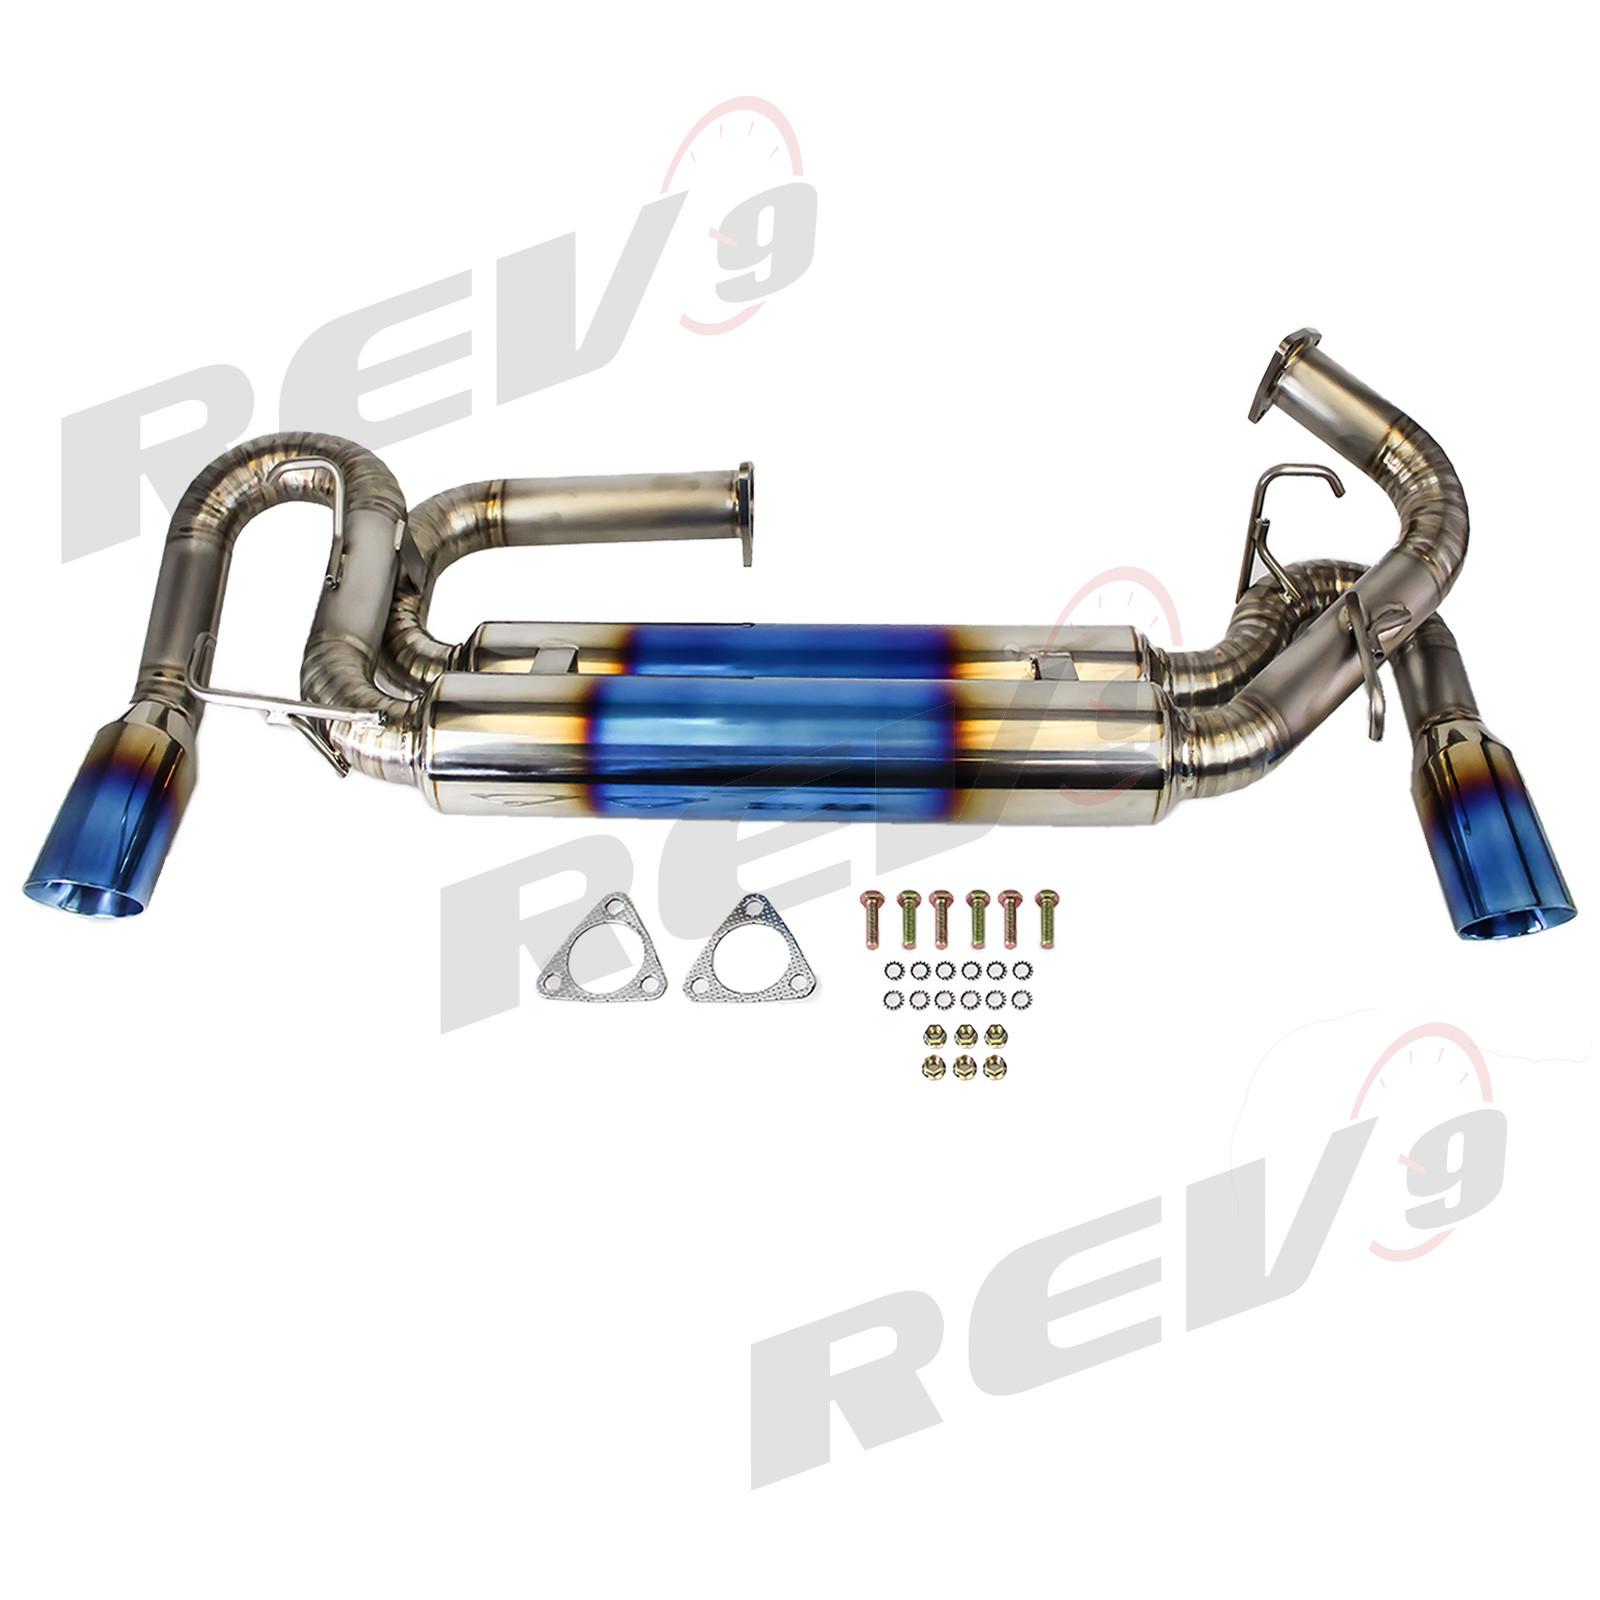 Rev9Power: Cat-Back Exhaust, Titanium,89mm Tip, Acura NSX